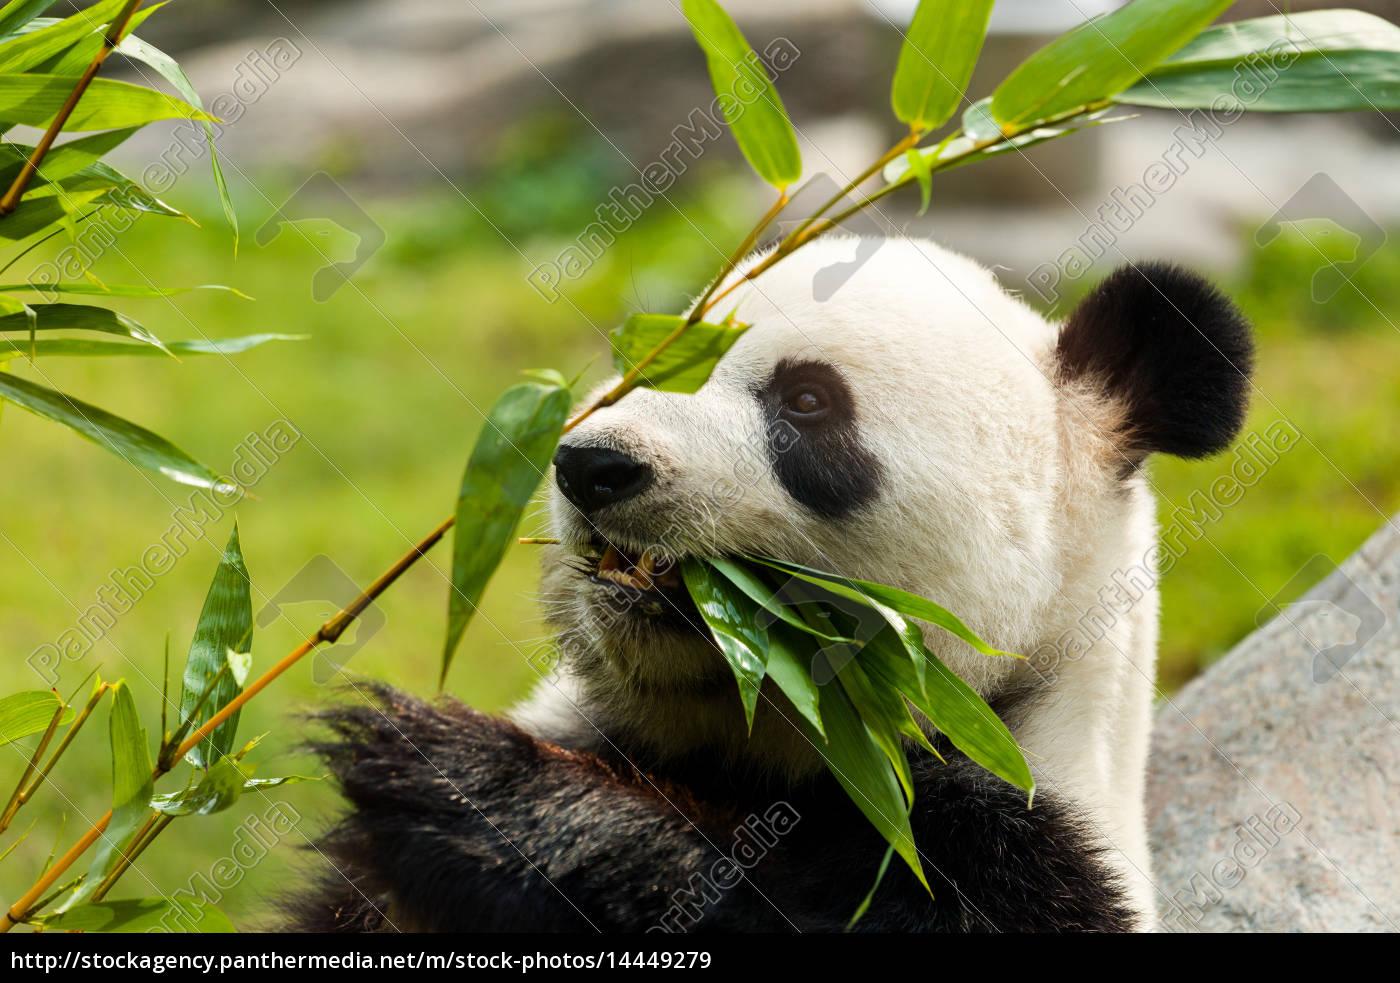 Hungriger Bar Des Riesigen Pandas Essen Bambus Lizenzfreies Bild